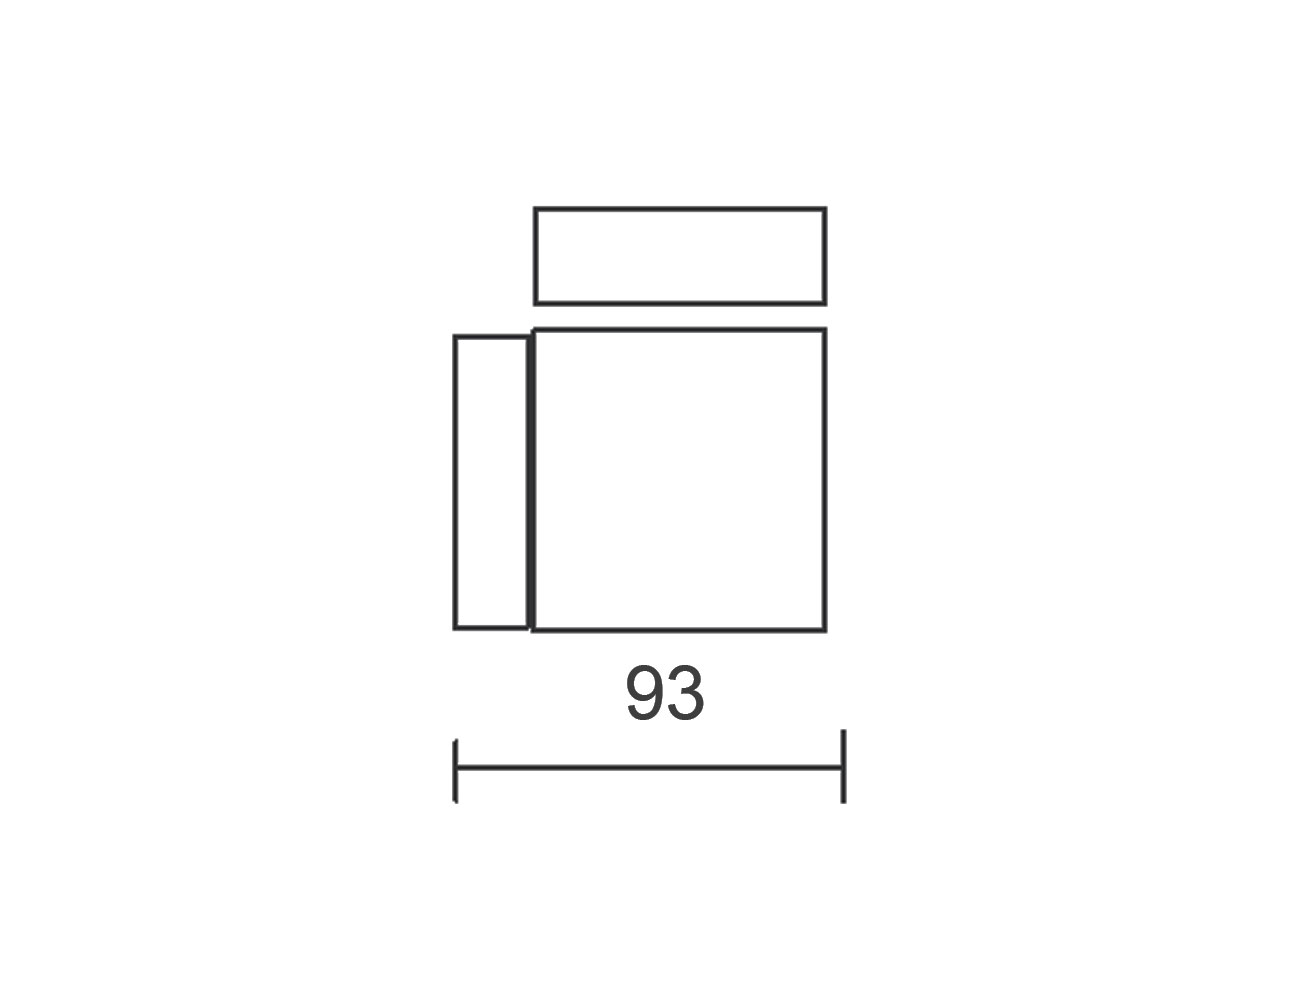 Modulo 933